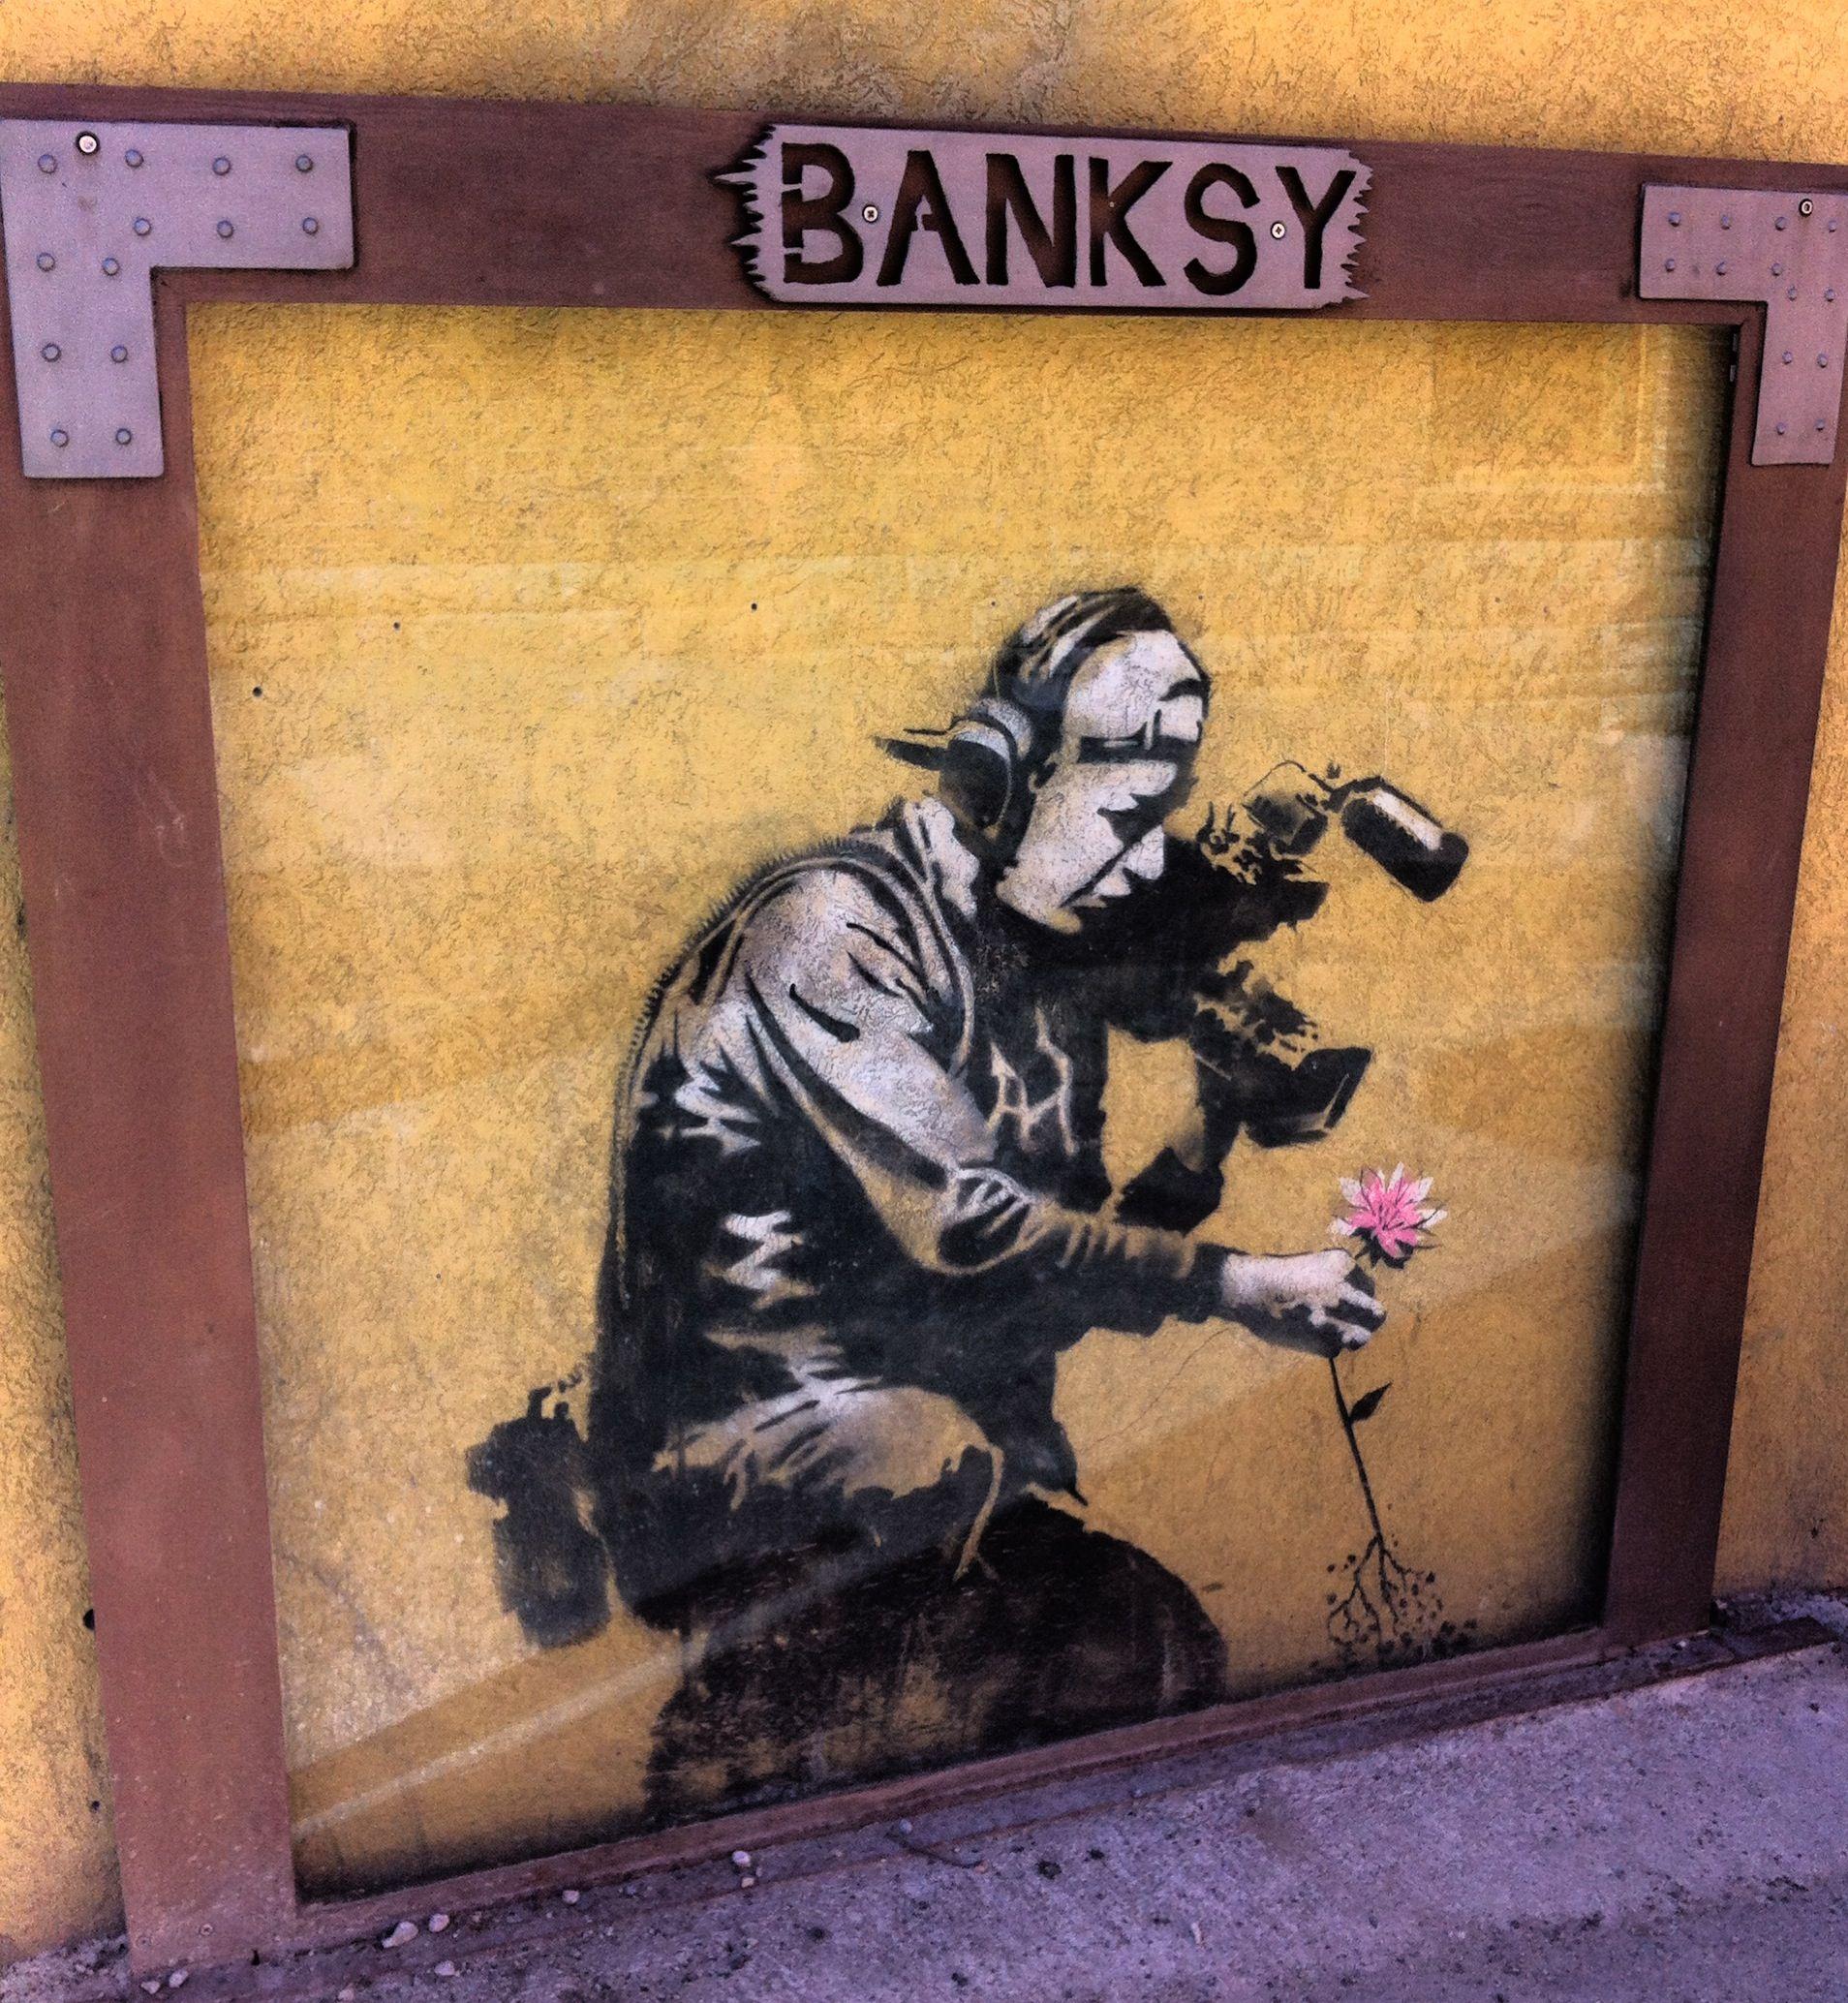 Banksy Street Art In Park City Utah Yep There Is A Banksy In Park City Utah Saw It Today Street Art Banksy Art Banksy